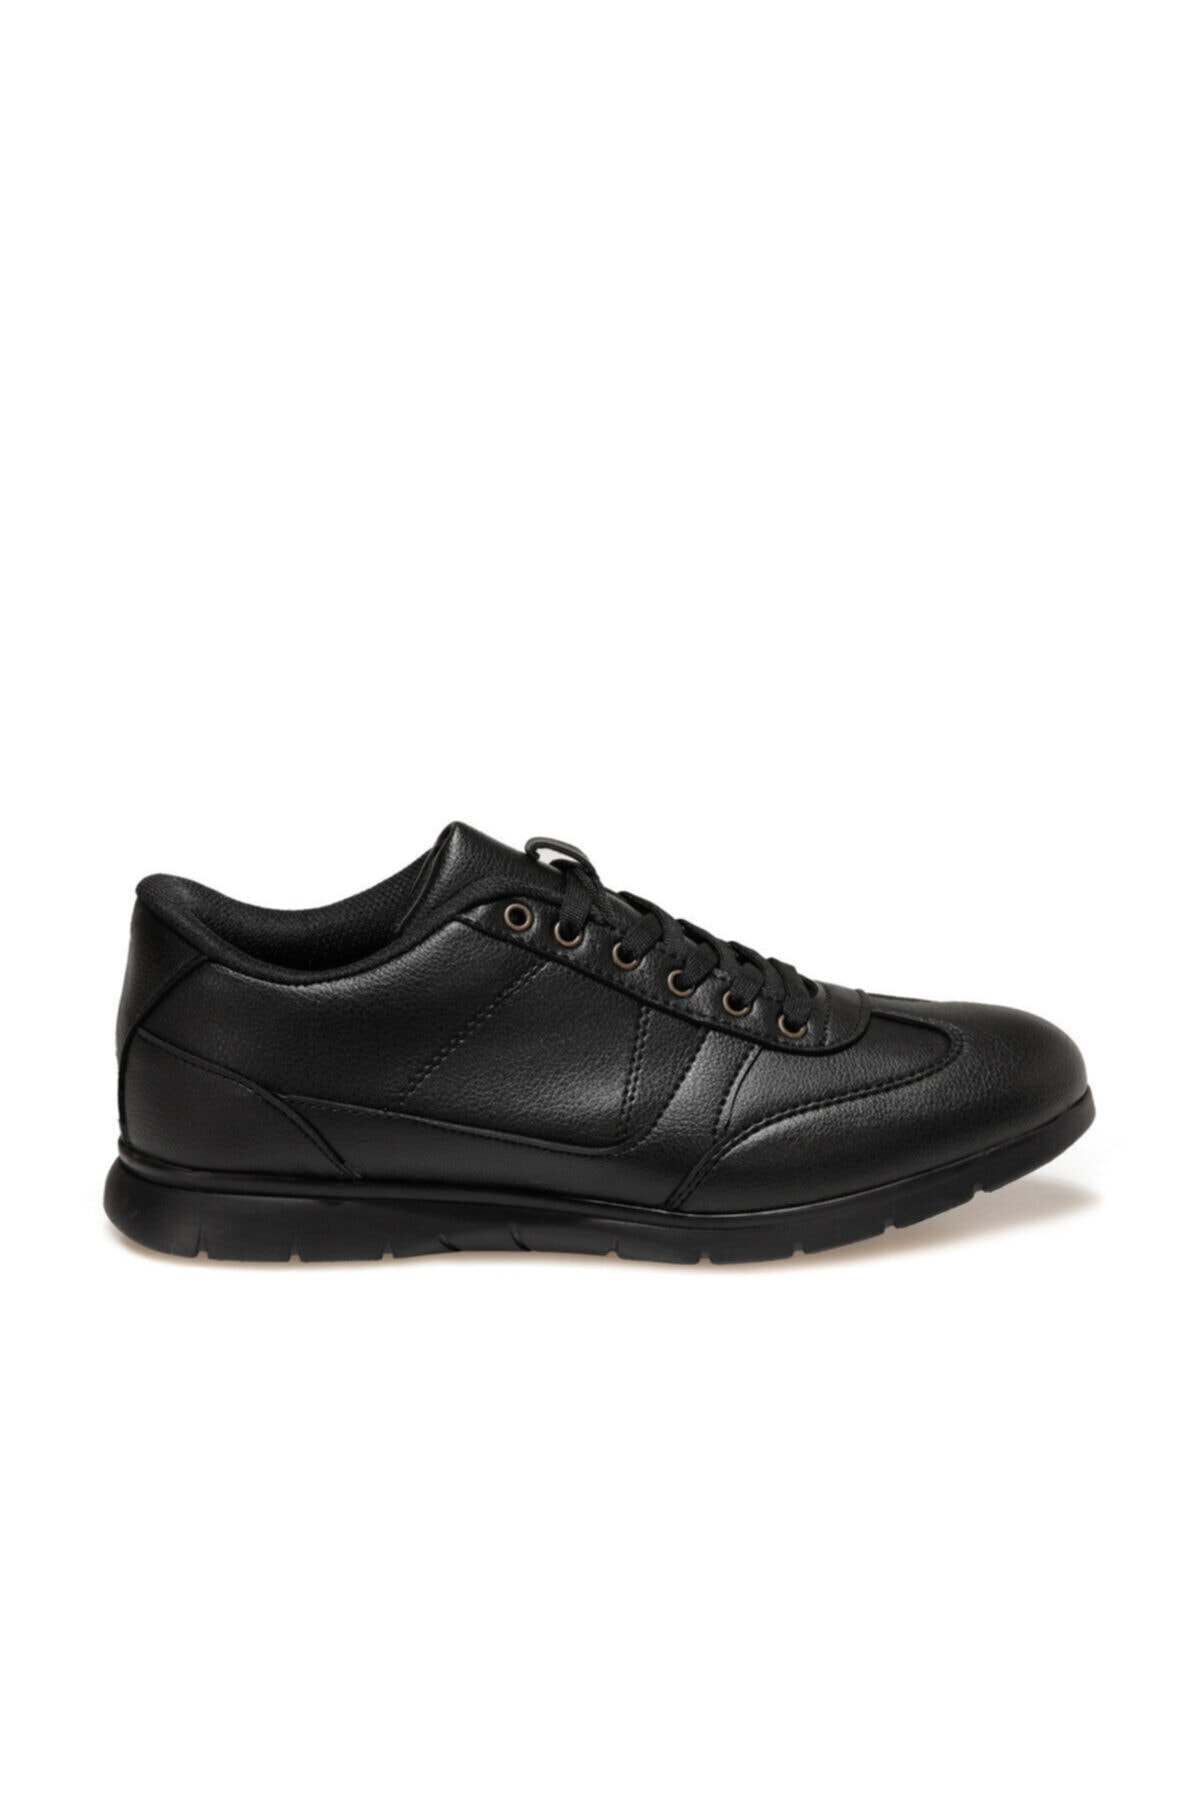 OXIDE GBS55 Siyah Erkek Günlük Ayakkabı 100573531 2